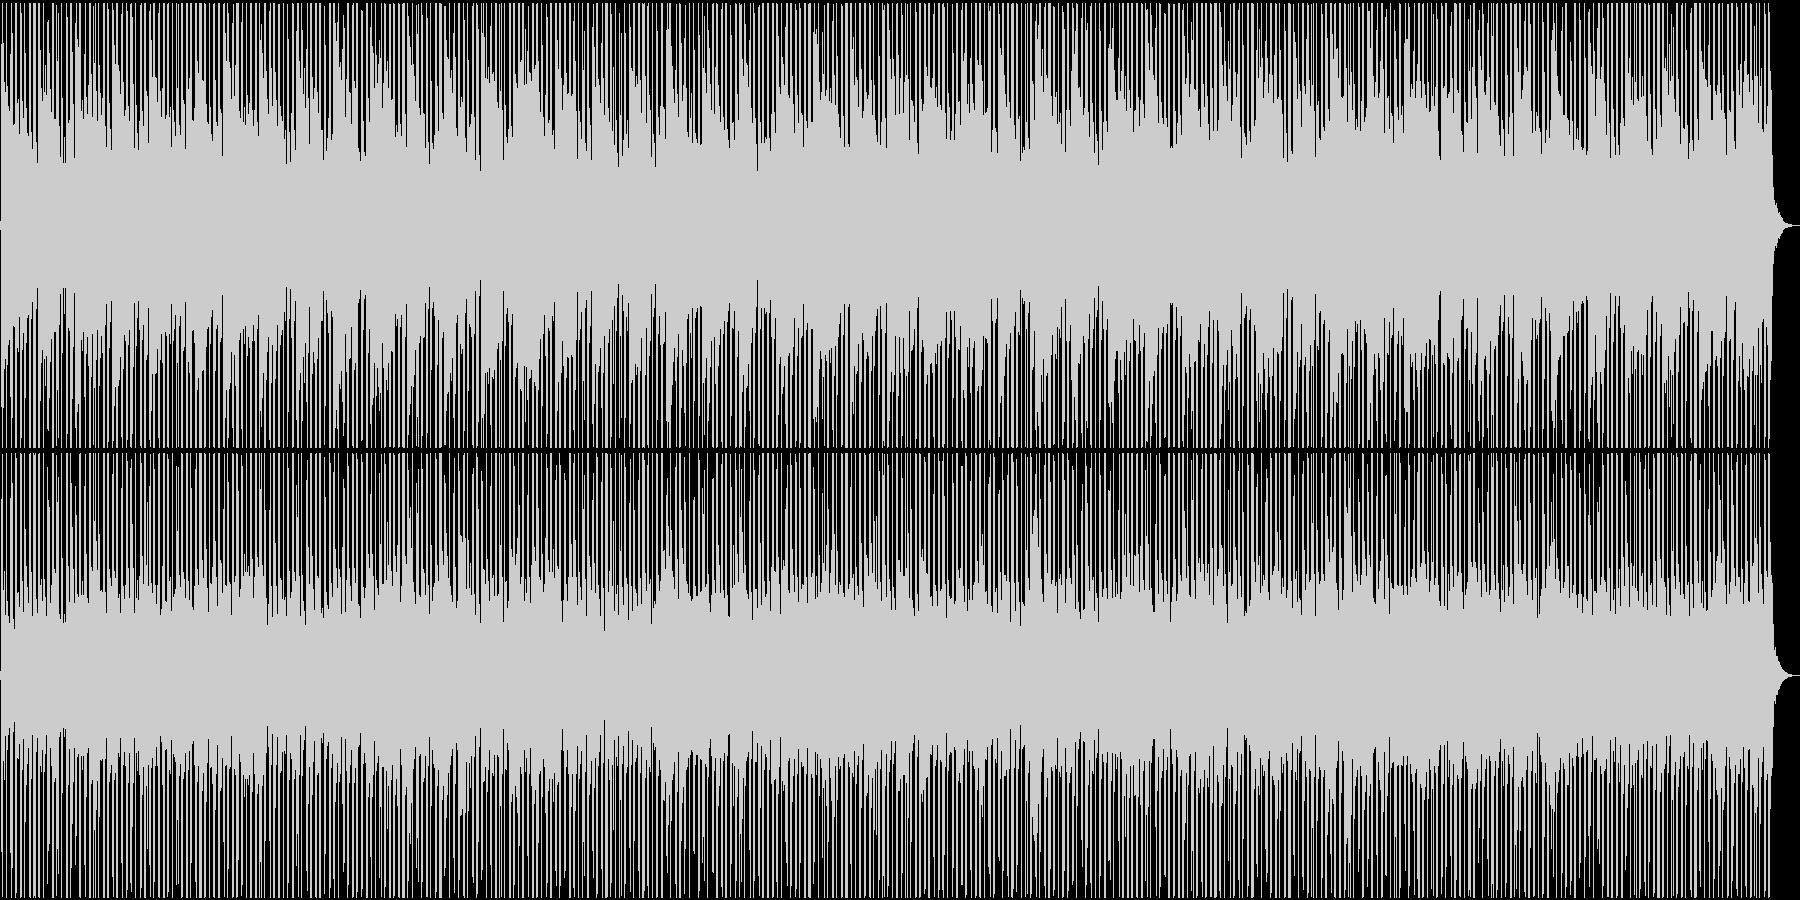 シティ・空撮・おしゃれなローファイポップの未再生の波形